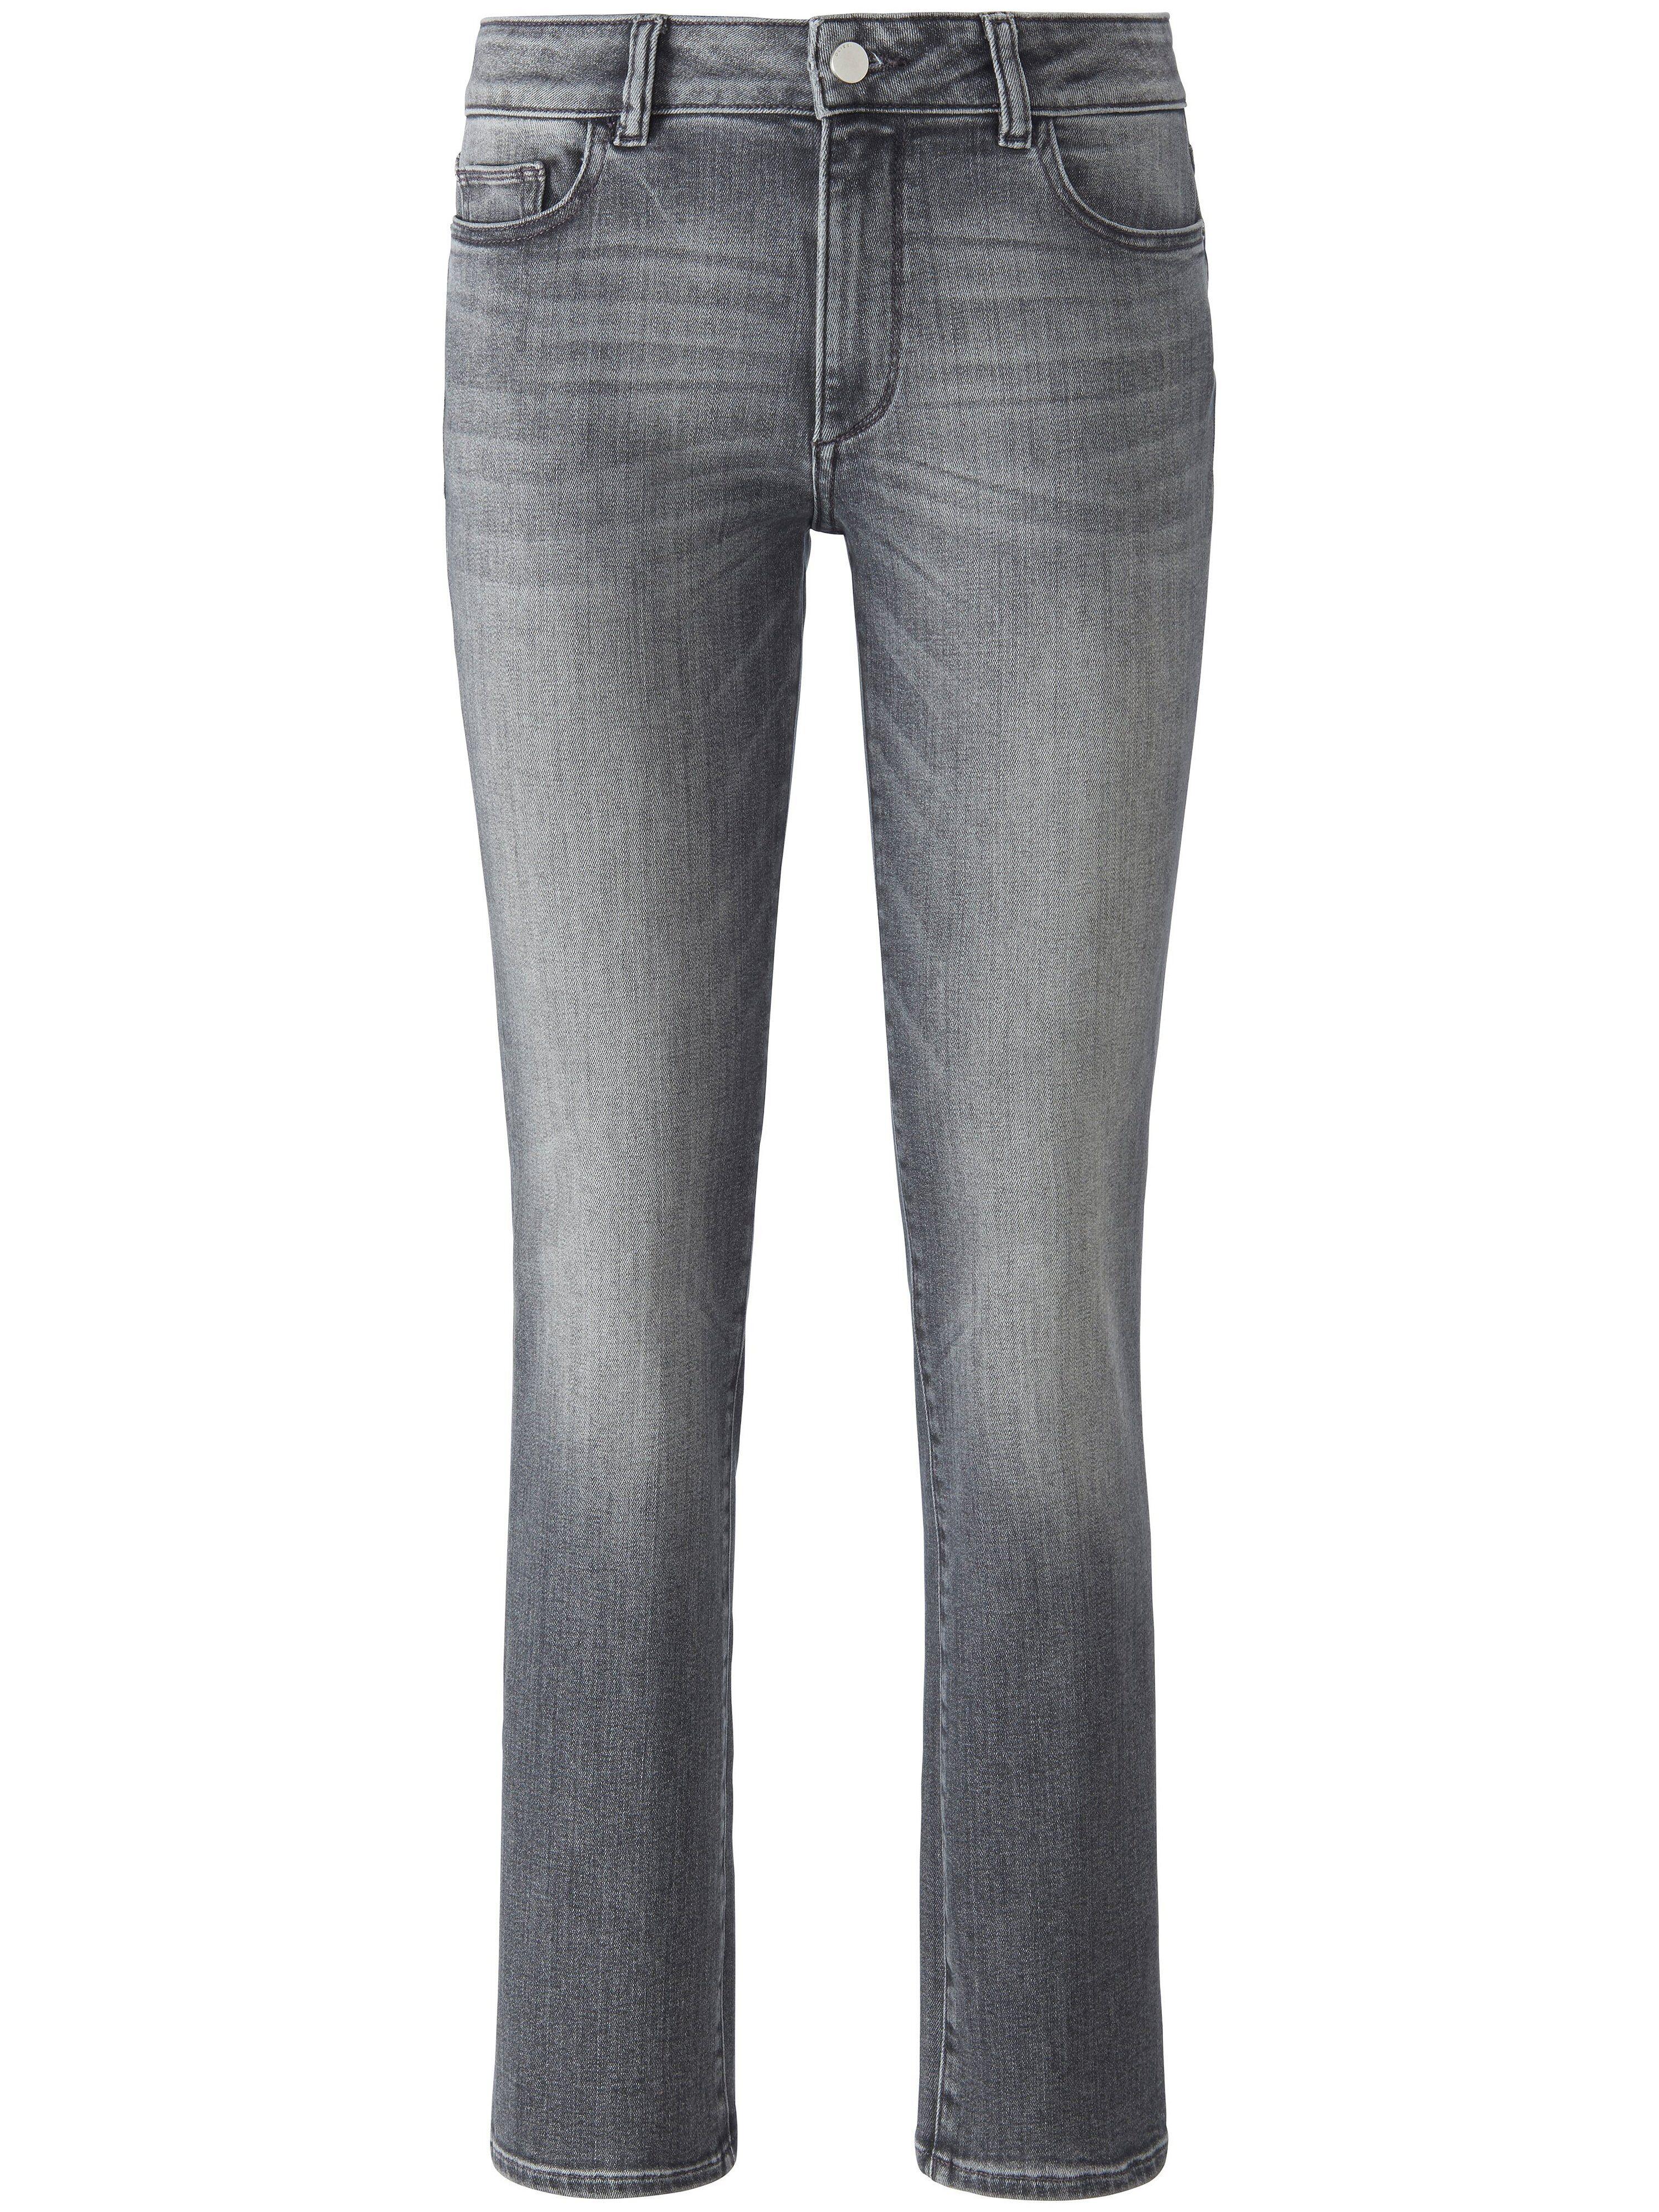 DL1961 Le jean modèle Coco  DL1961 gris  - Femme - 33